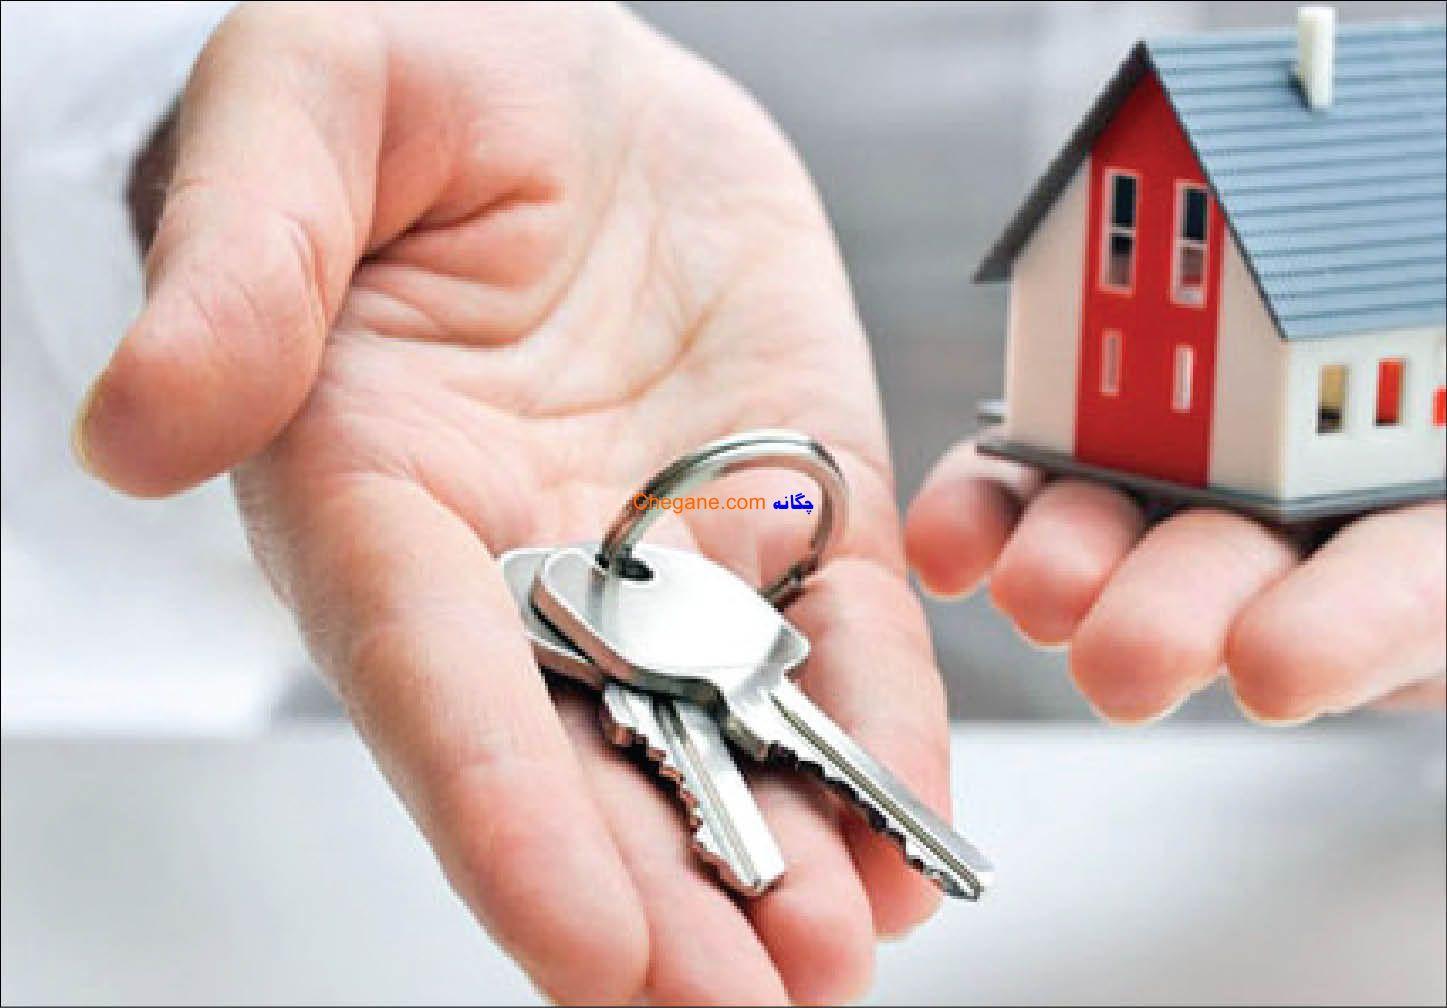 طرح دعوای اثبات مالکیت یا تنفیذ معامله به همراه دعوای الزام به تنظیم سند رسمی